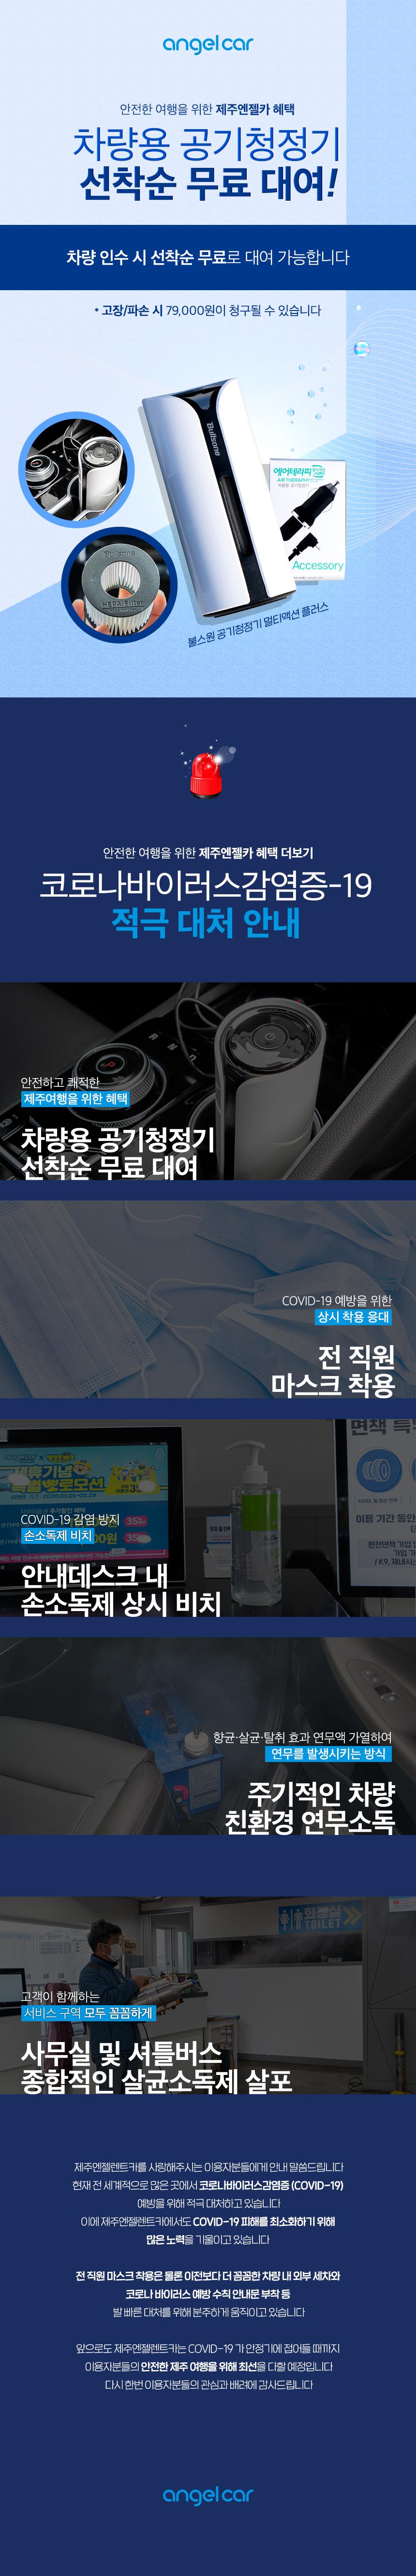 200302_PC_공기청정기대여_상세페이지.jpg